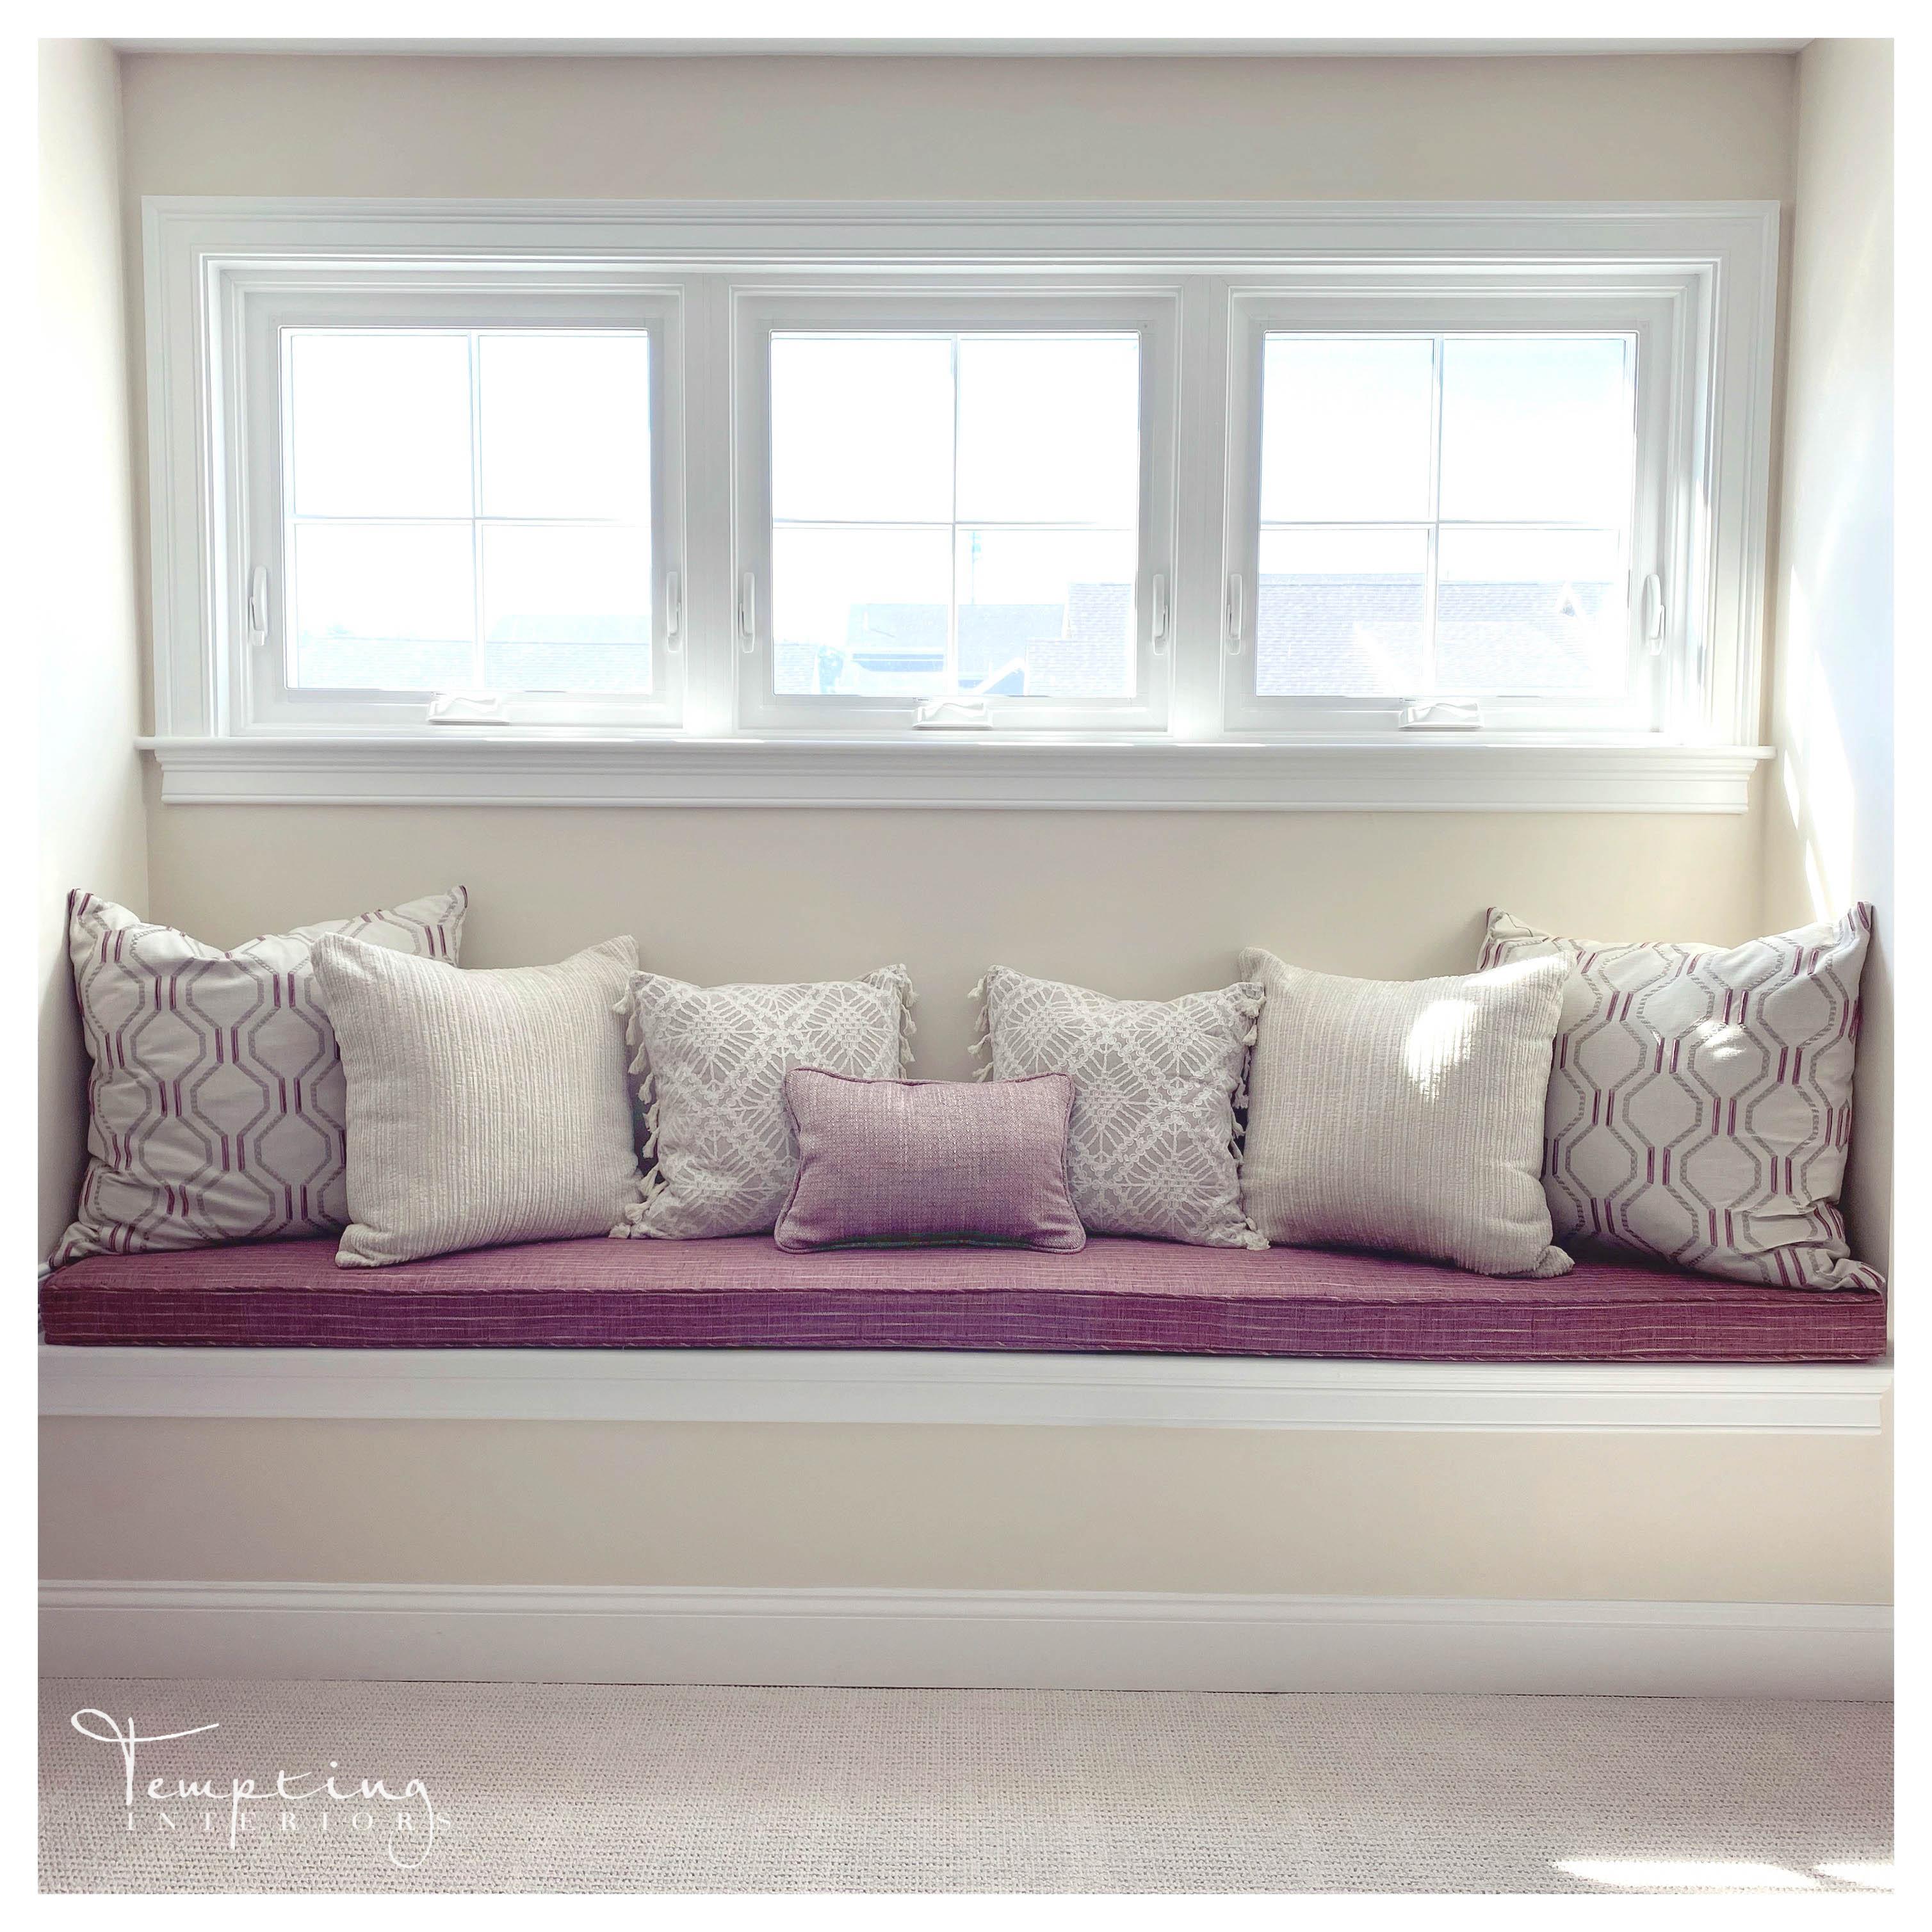 Custom Cushions & Pillows